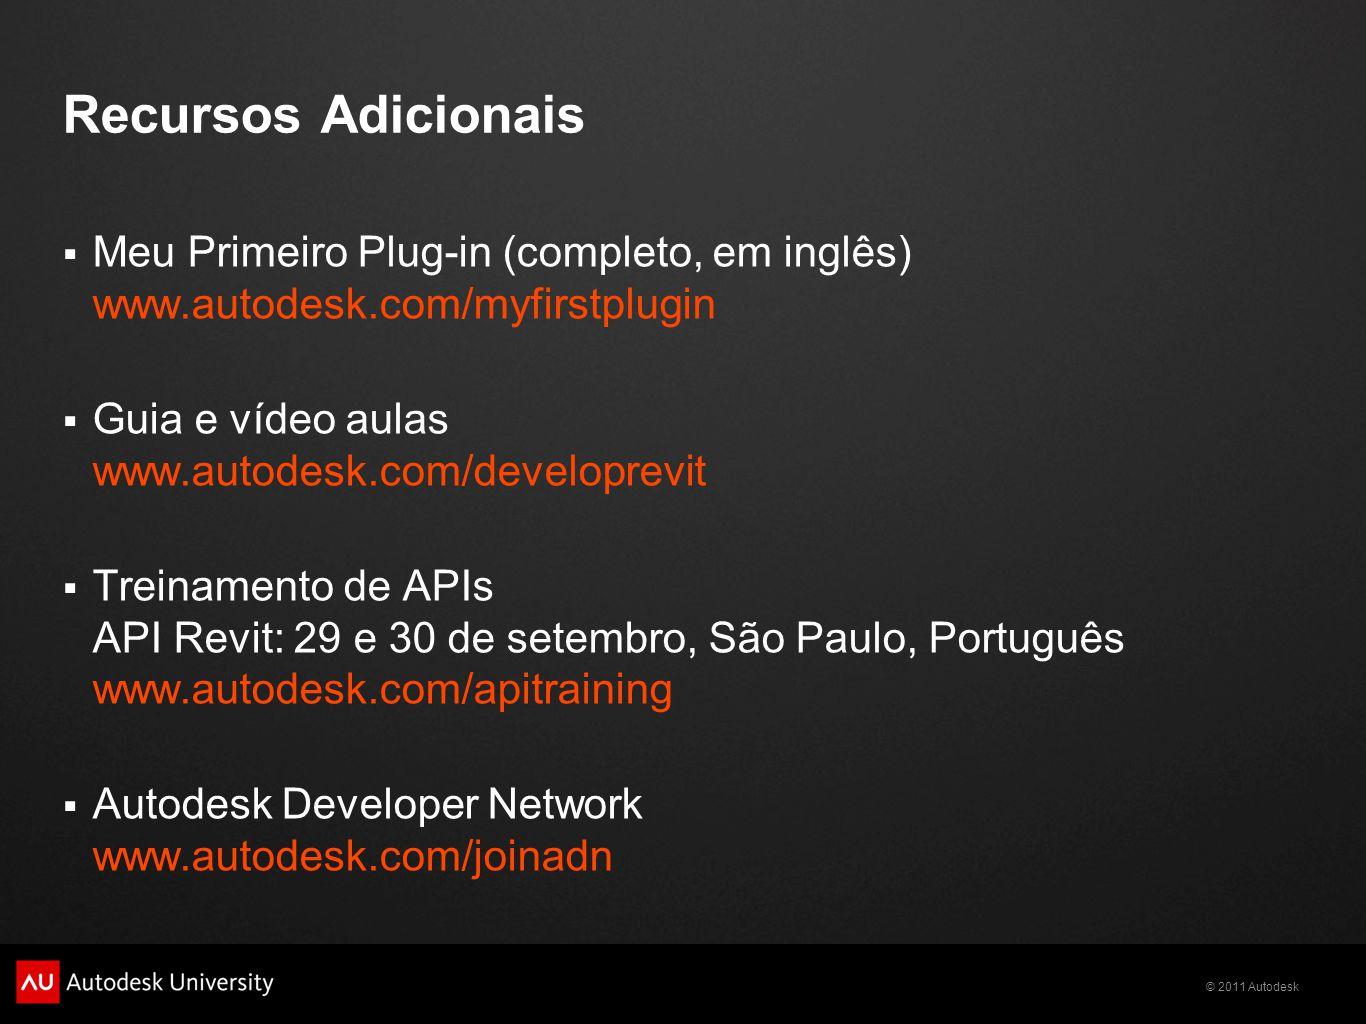 © 2011 Autodesk Recursos Adicionais Meu Primeiro Plug-in (completo, em inglês) www.autodesk.com/myfirstplugin Guia e vídeo aulas www.autodesk.com/deve